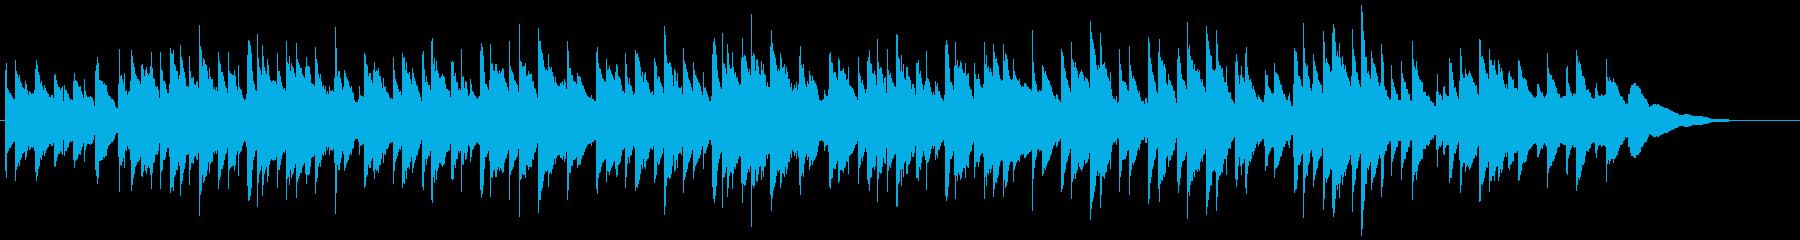 黄昏をイメージしたアコギインスト2の再生済みの波形